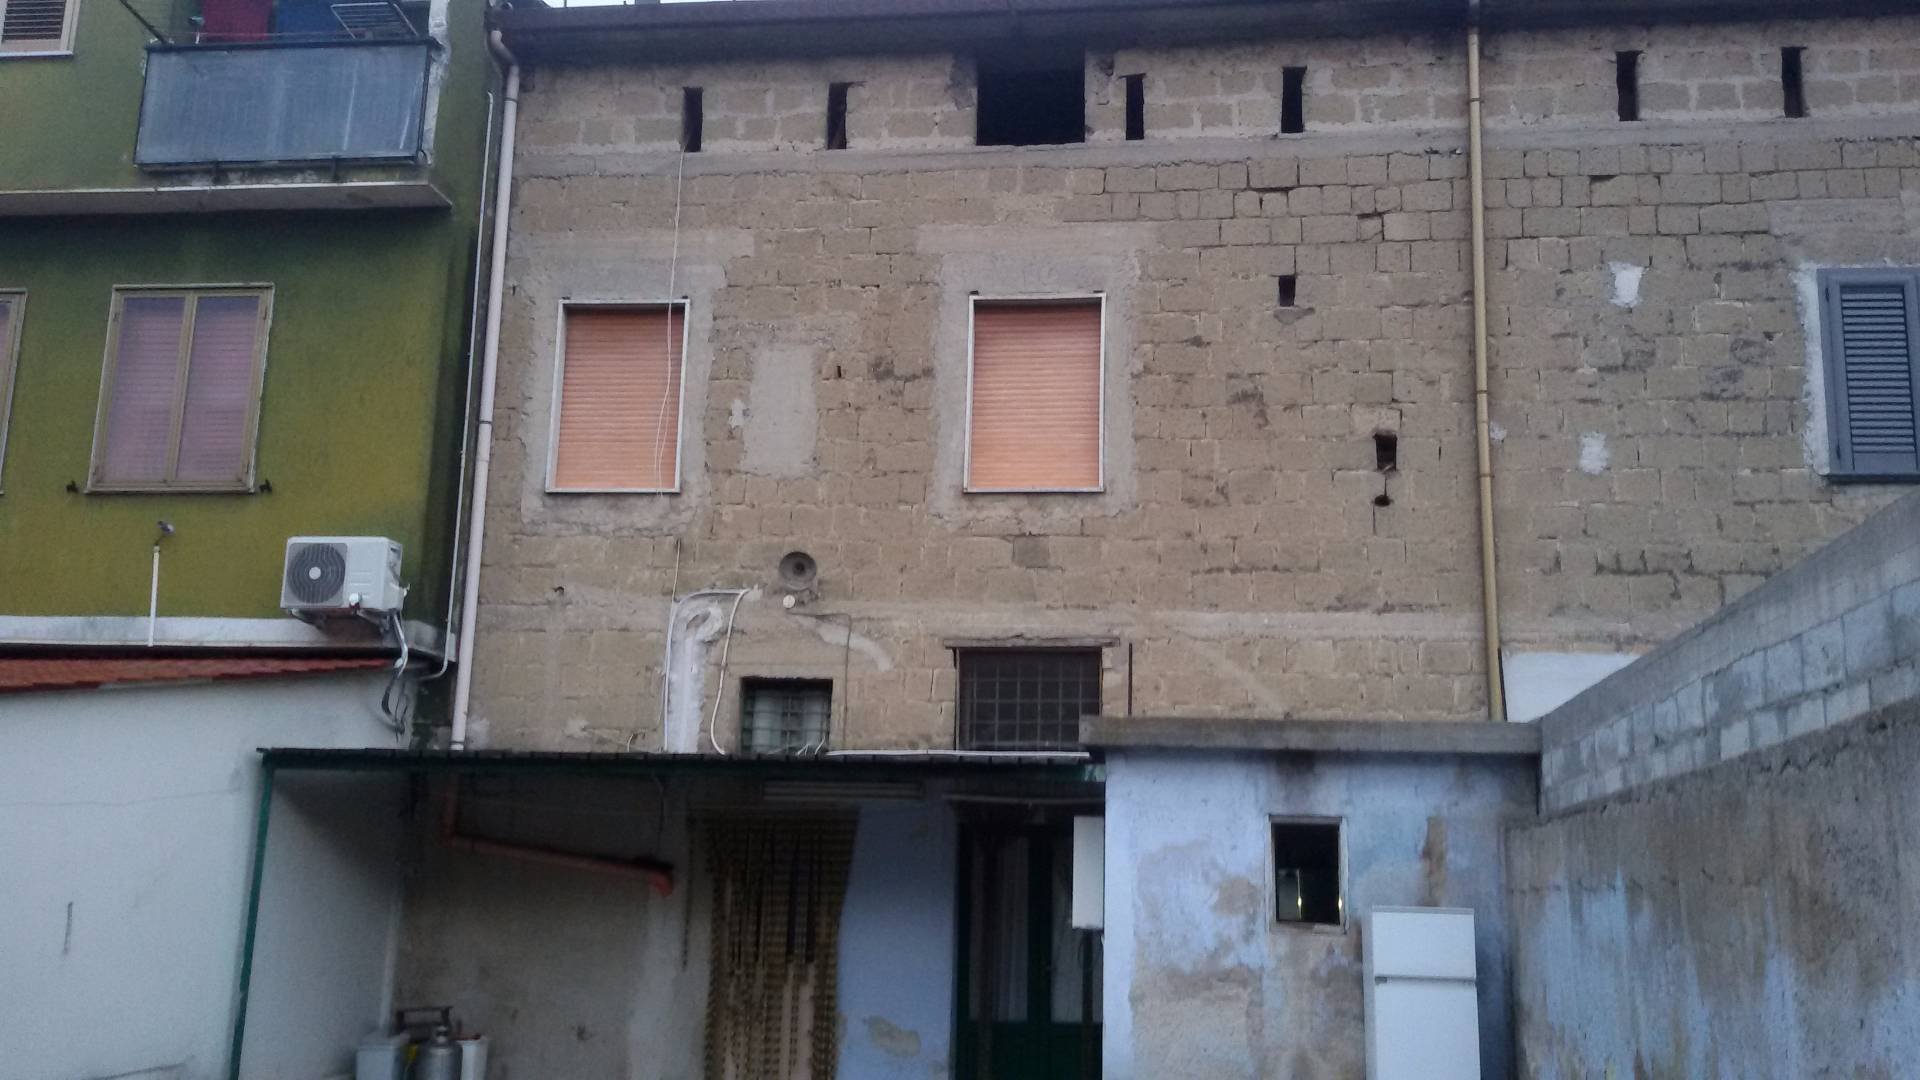 Palazzo / Stabile in vendita a Fisciano, 4 locali, prezzo € 120.000 | Cambio Casa.it